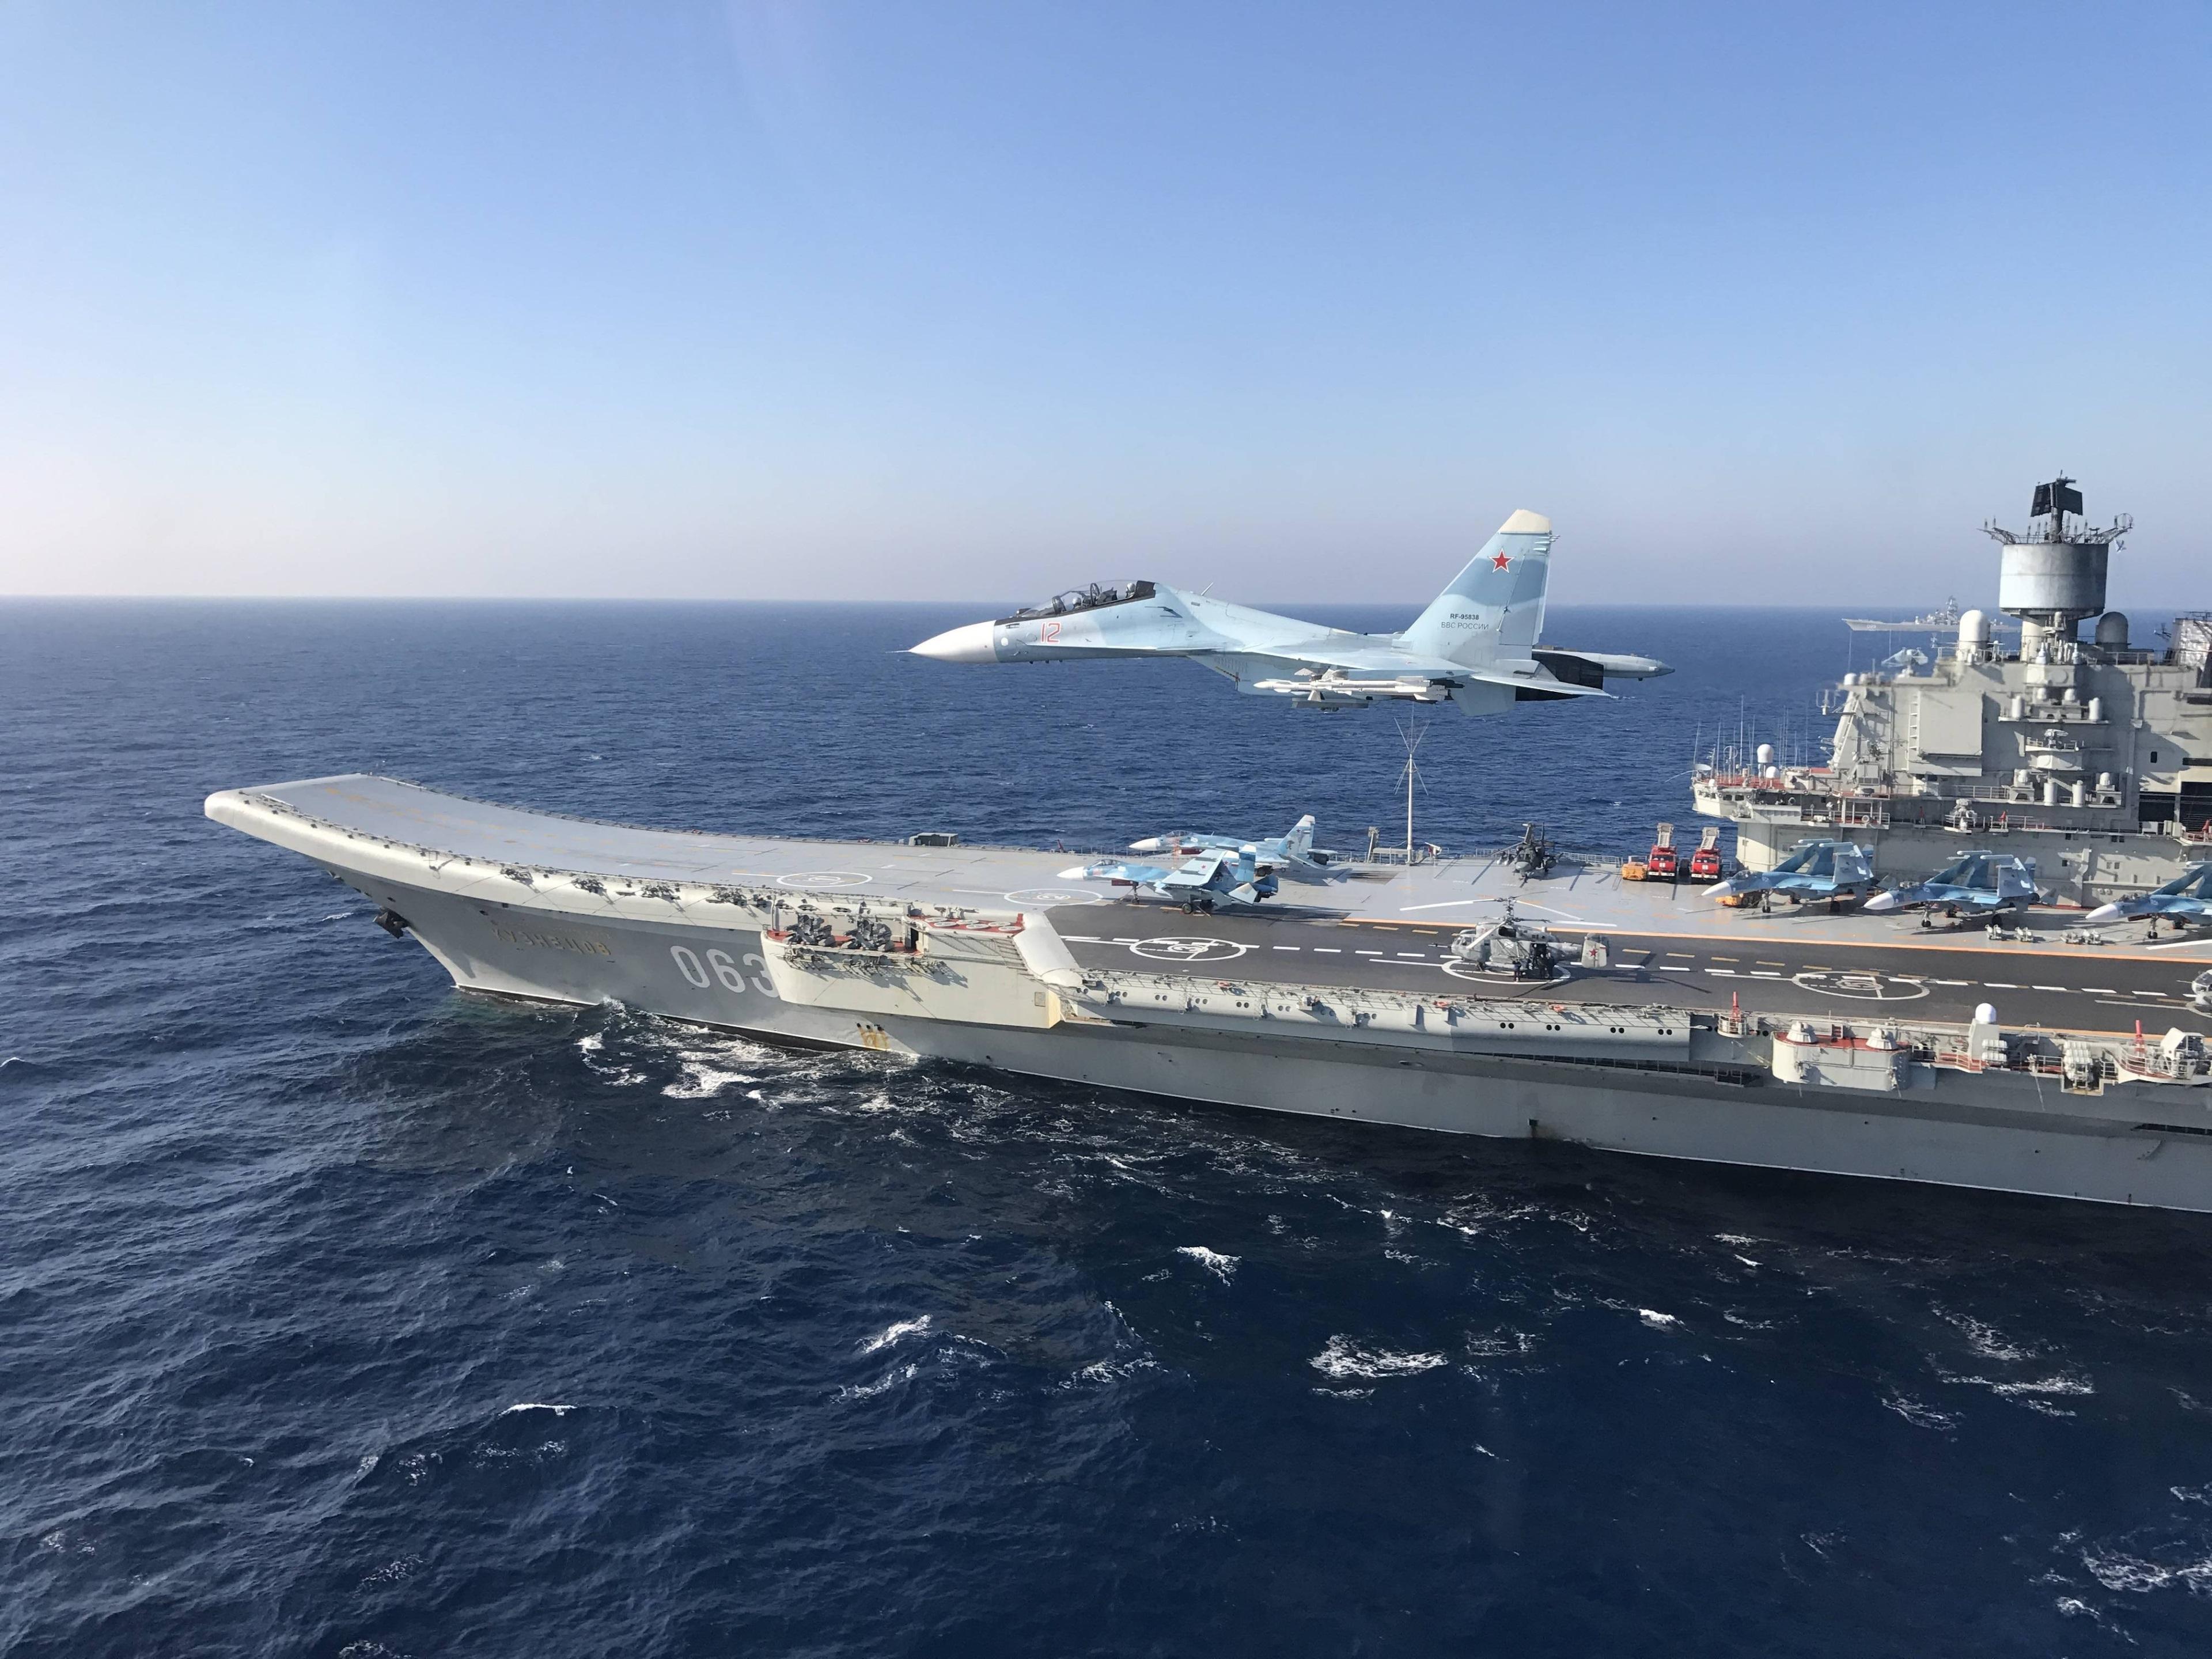 картинки российских авианосцев расположение вблизи теллермановского